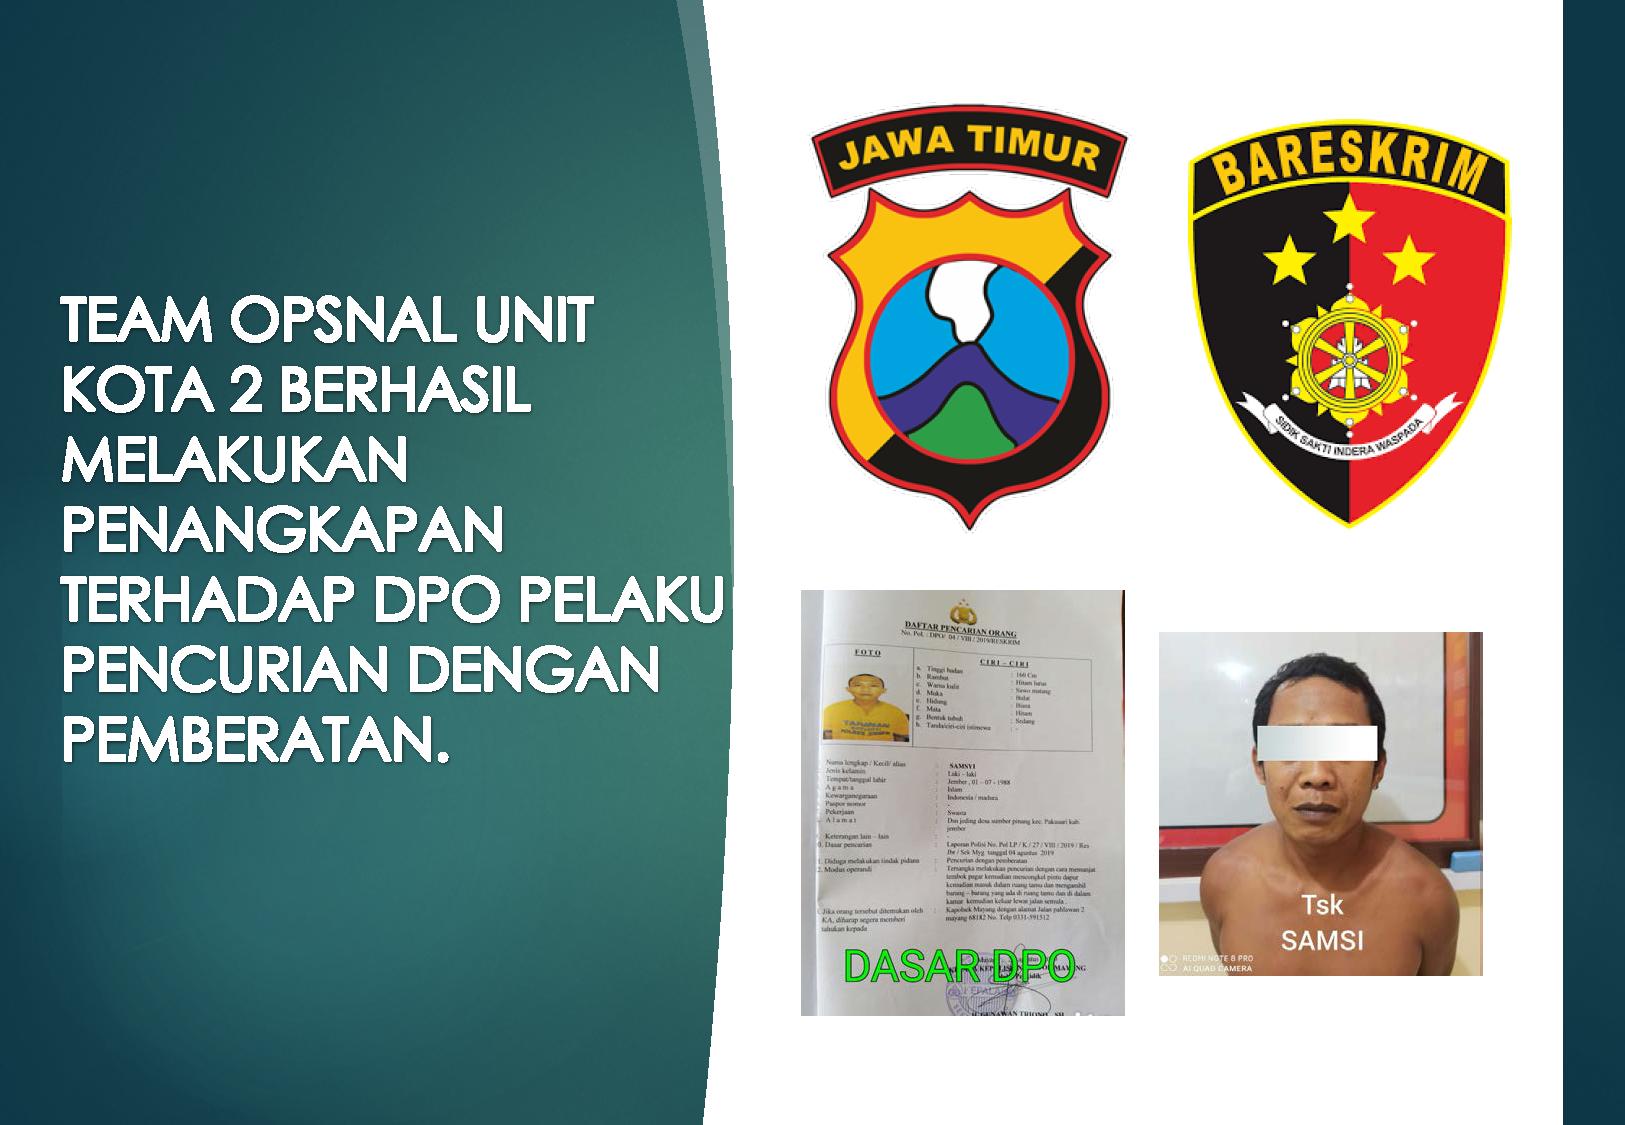 Unit Resmob Kota 2 Satreskrim Polres Jember Tangkap Dpo Pelaku Pencurian Dengan Pemberatan Satreskrim Polres Jember